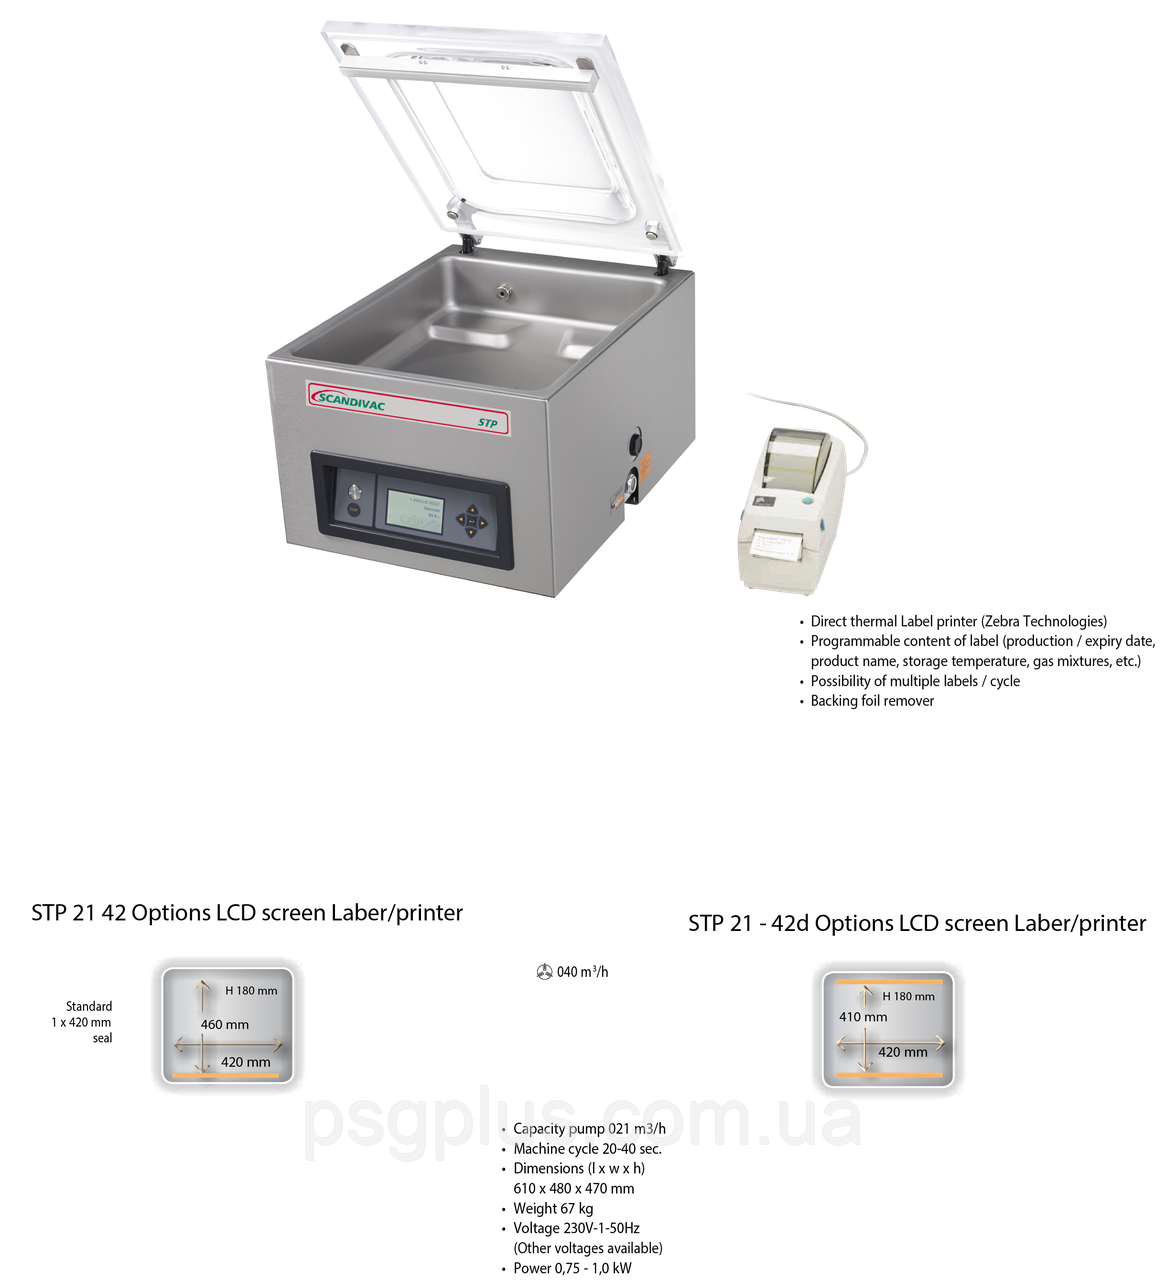 Вакуумный упаковщик SCANDIVAC STP 21-42 ЖК-экран/принтер